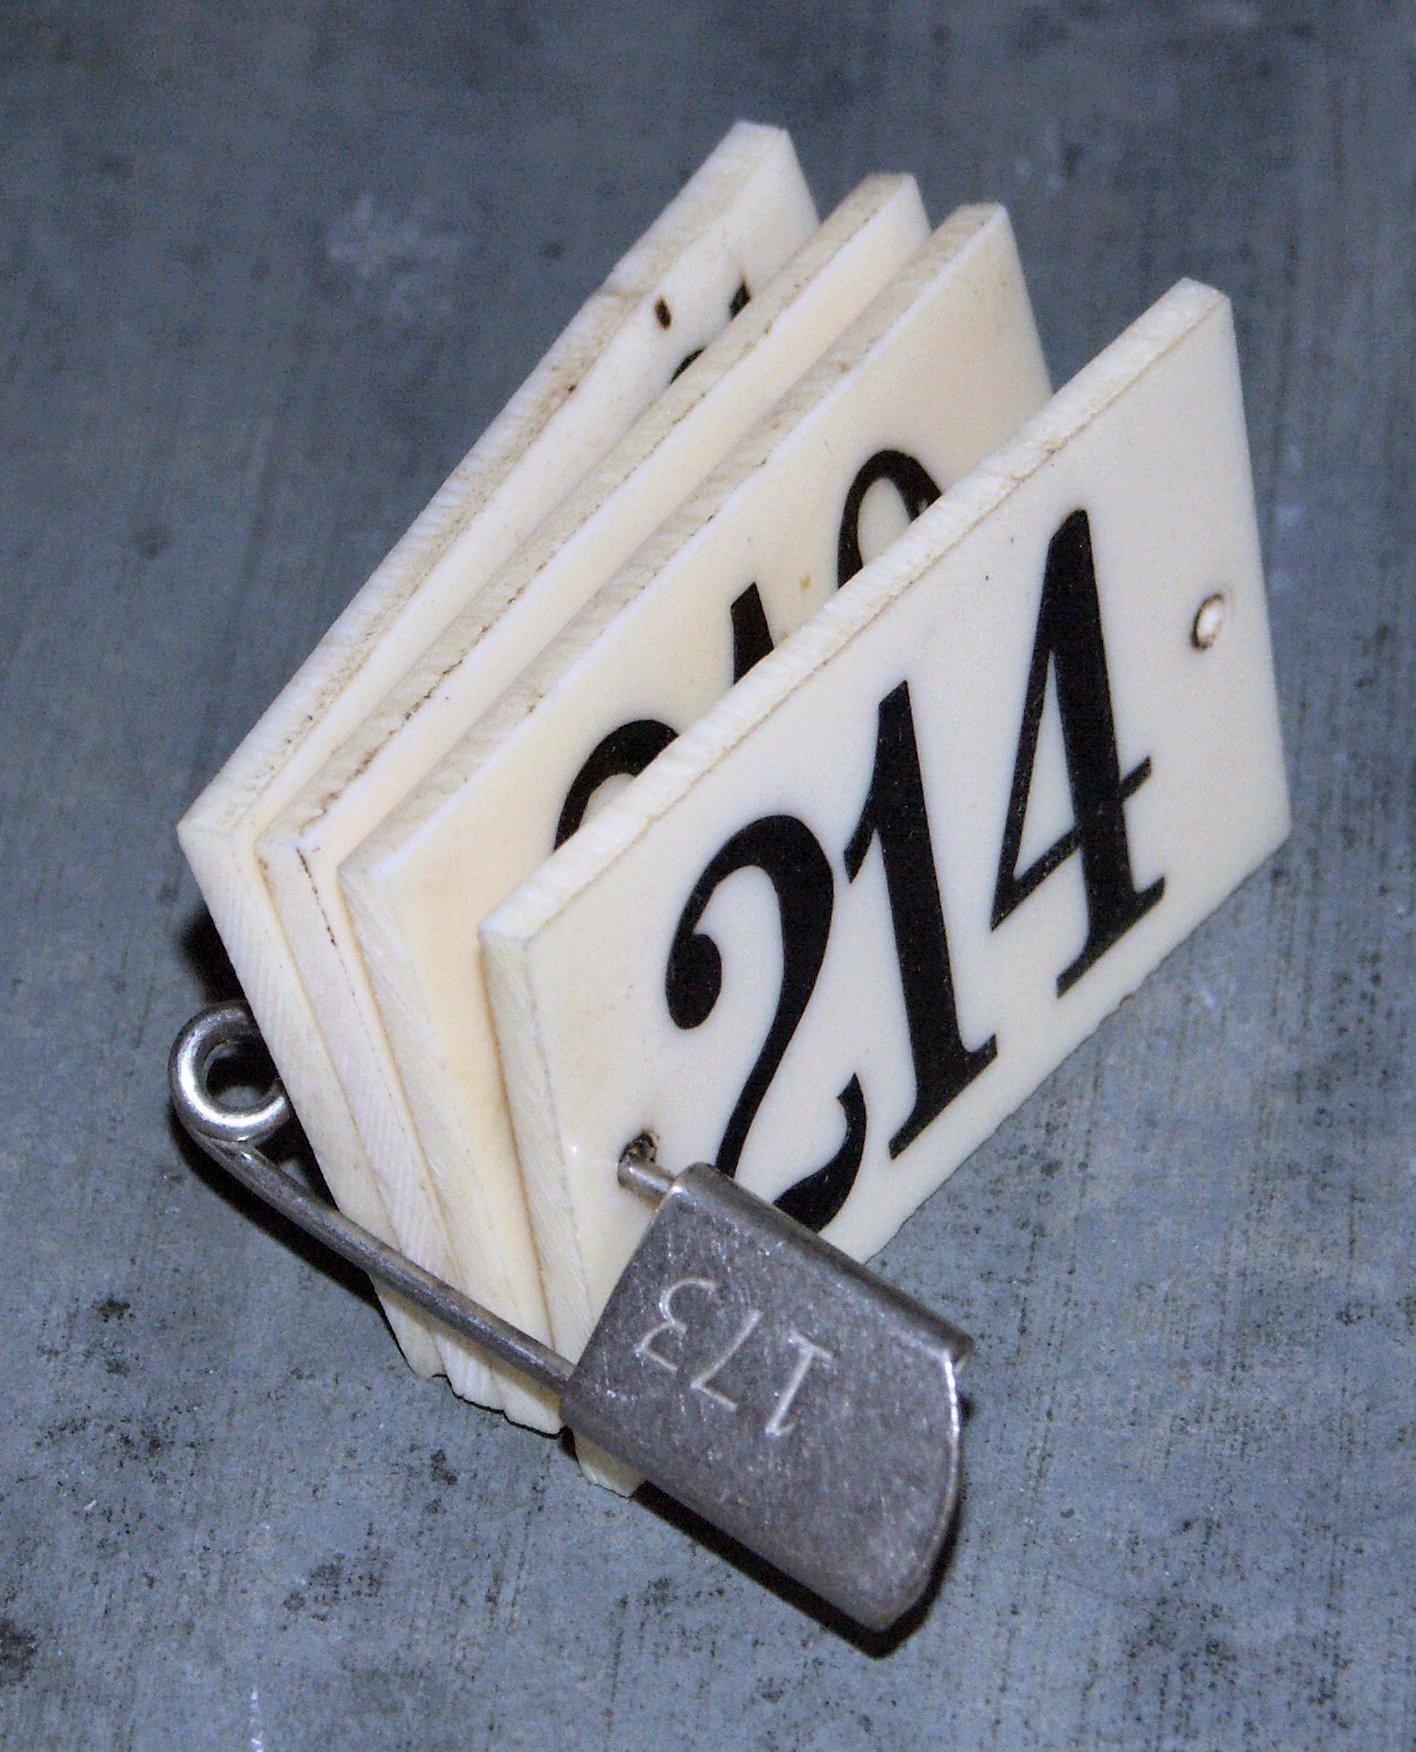 En celluloïd gravé. numéro peint en noir. deux trous de fixation